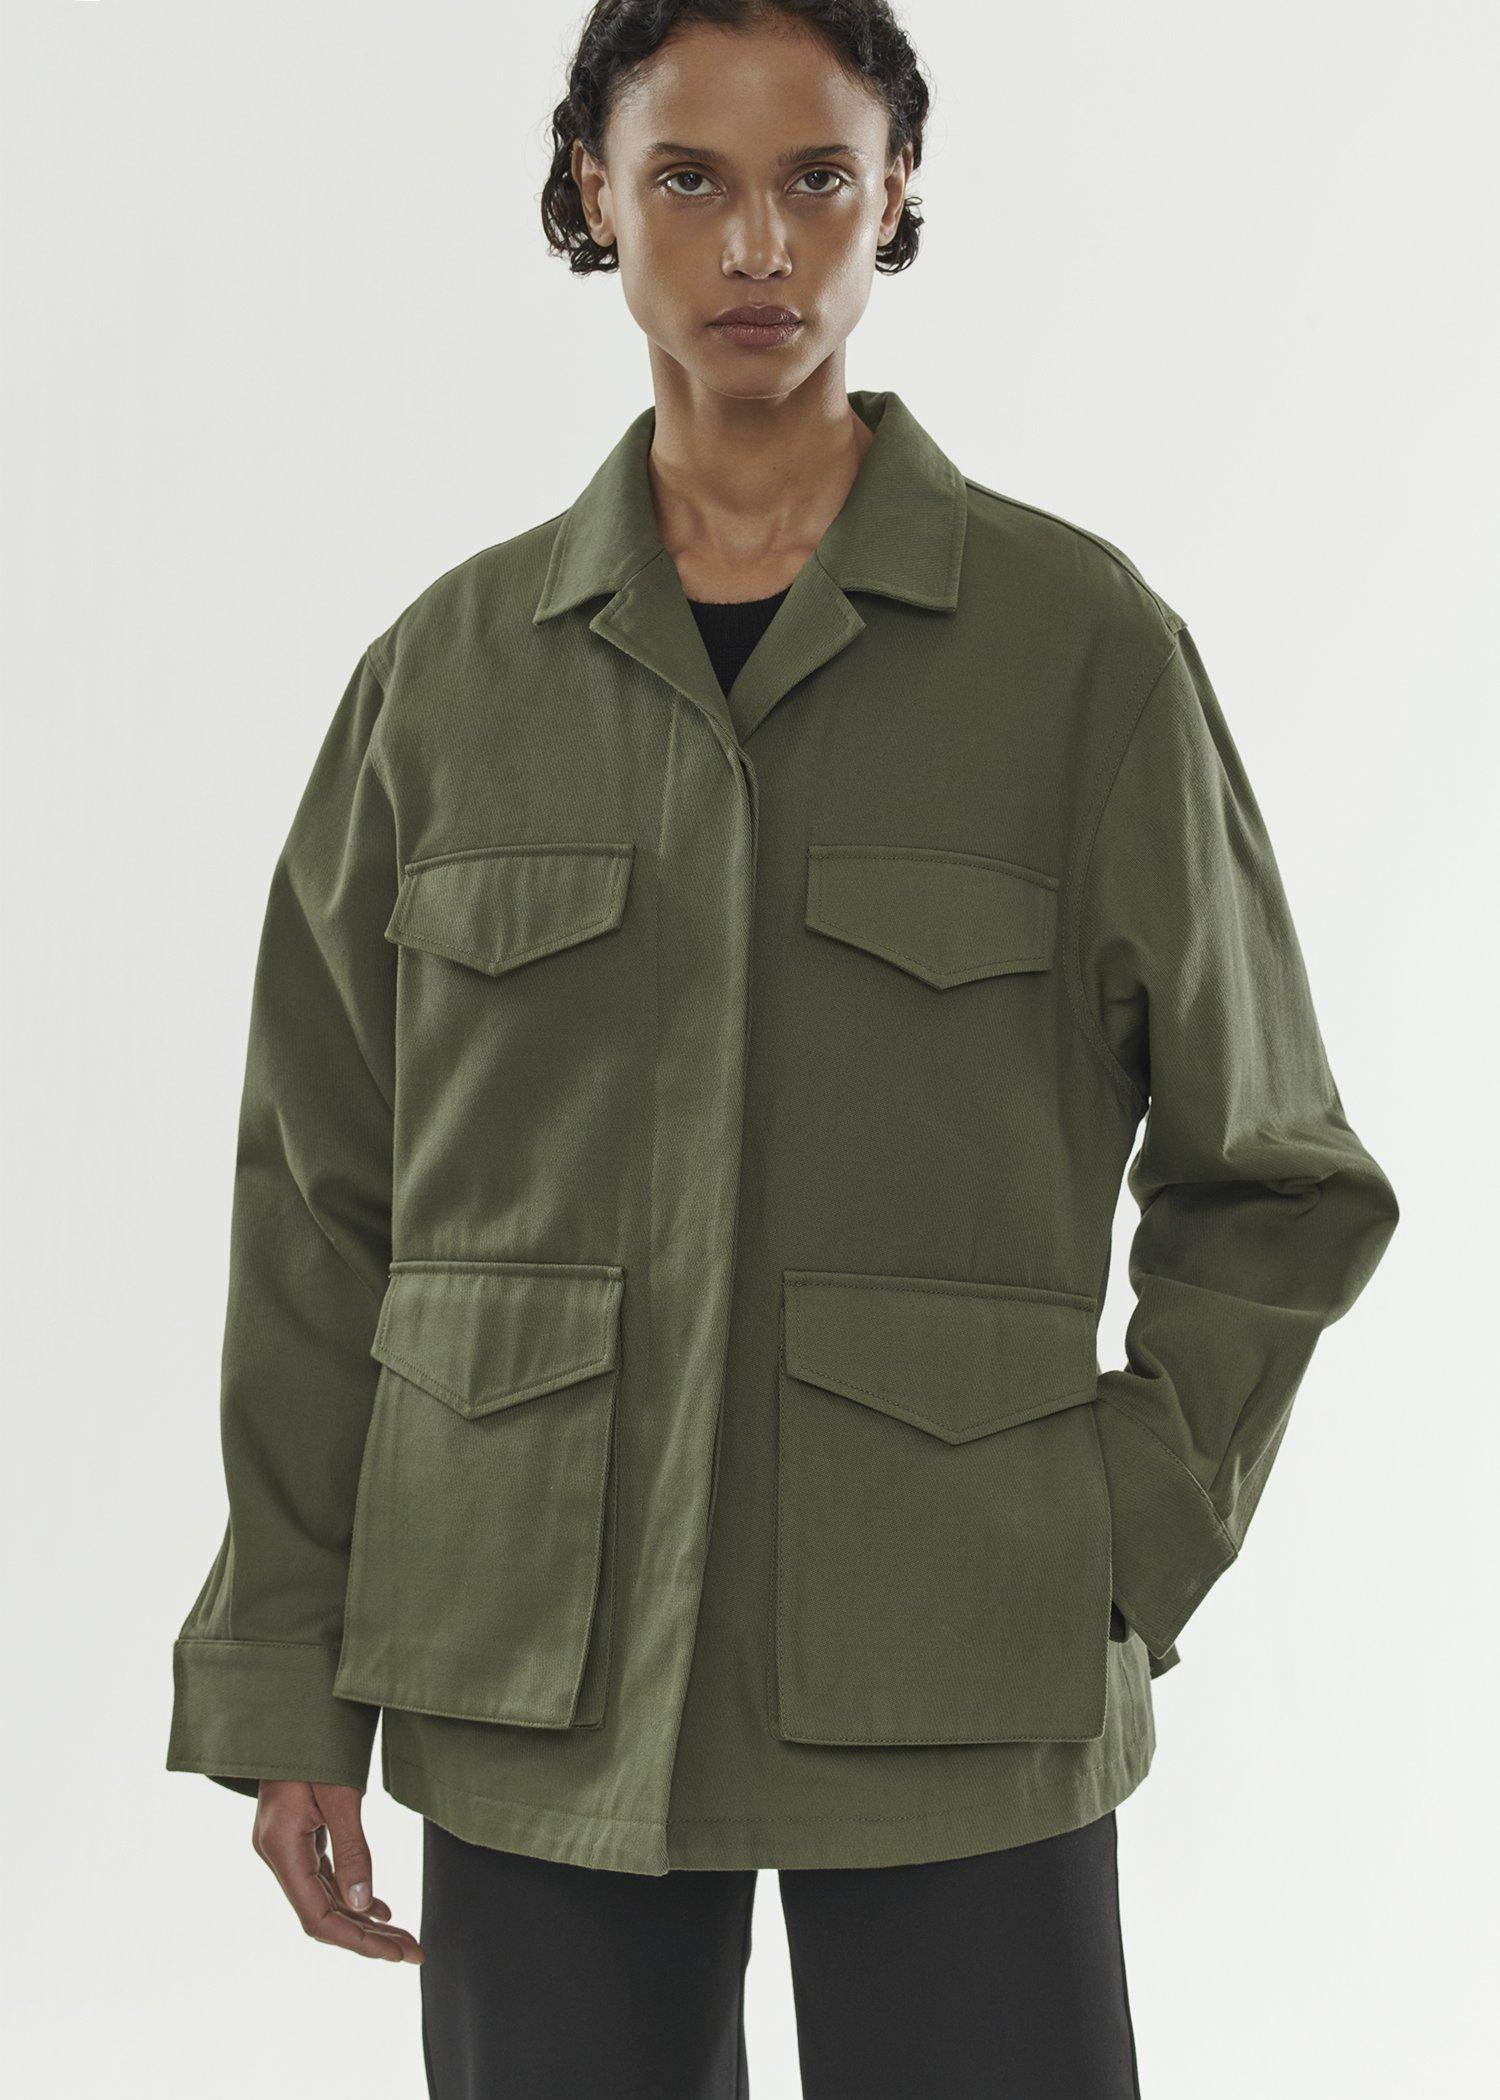 Юу худалдаж авах вэ: Армийн стильтэй хөнгөн куртка (фото 9)